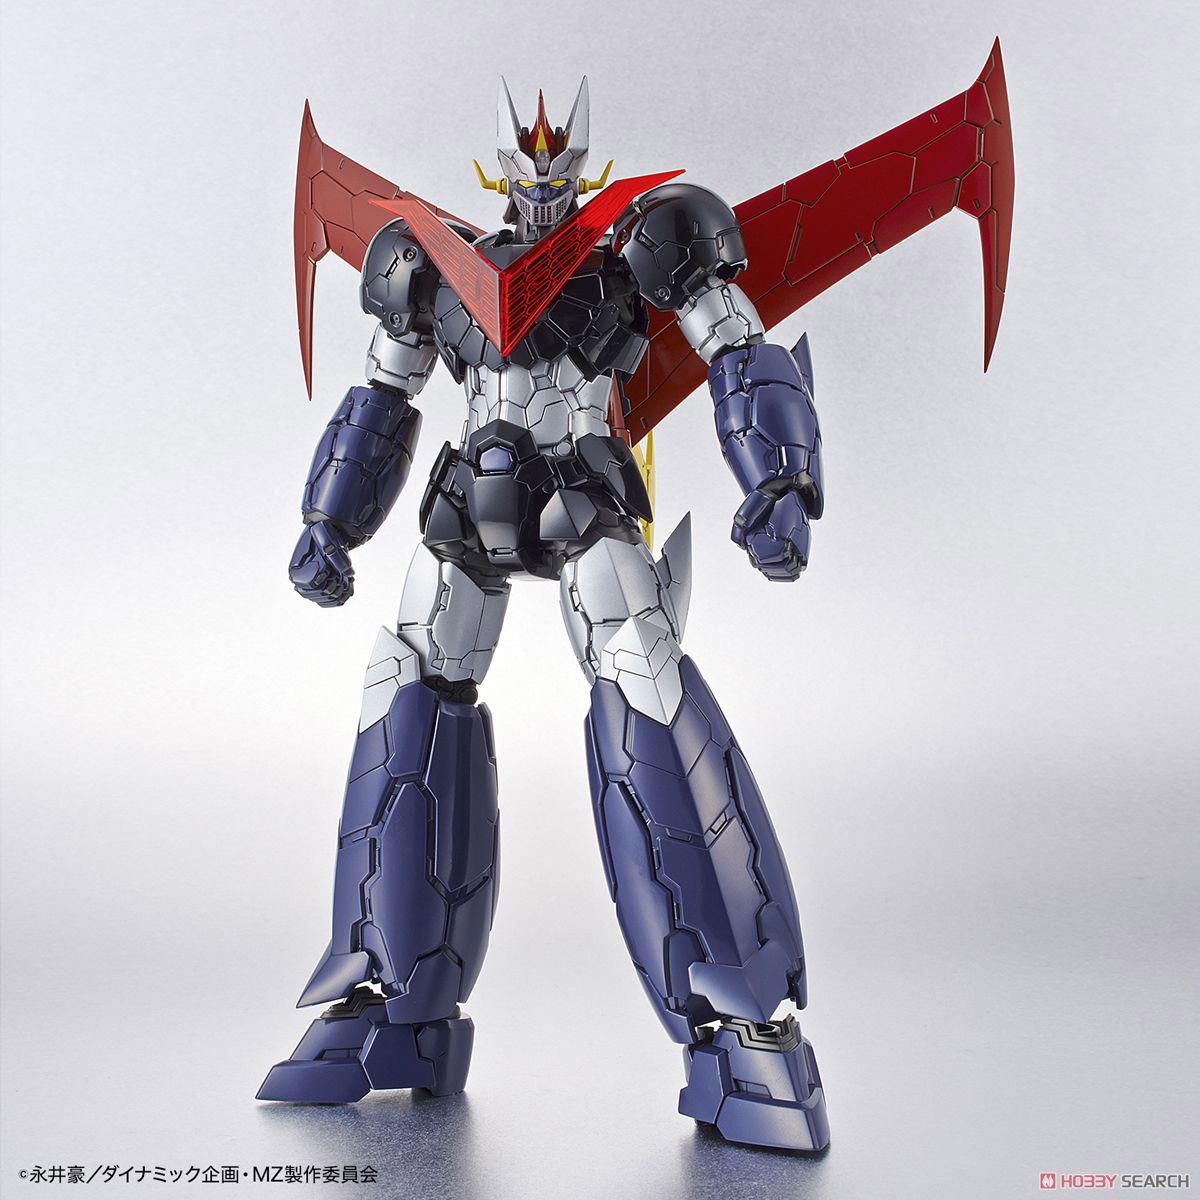 【再販】HG 1/144『グレートマジンガー(マジンガーZ INFINITY Ver.)』プラモデル-003